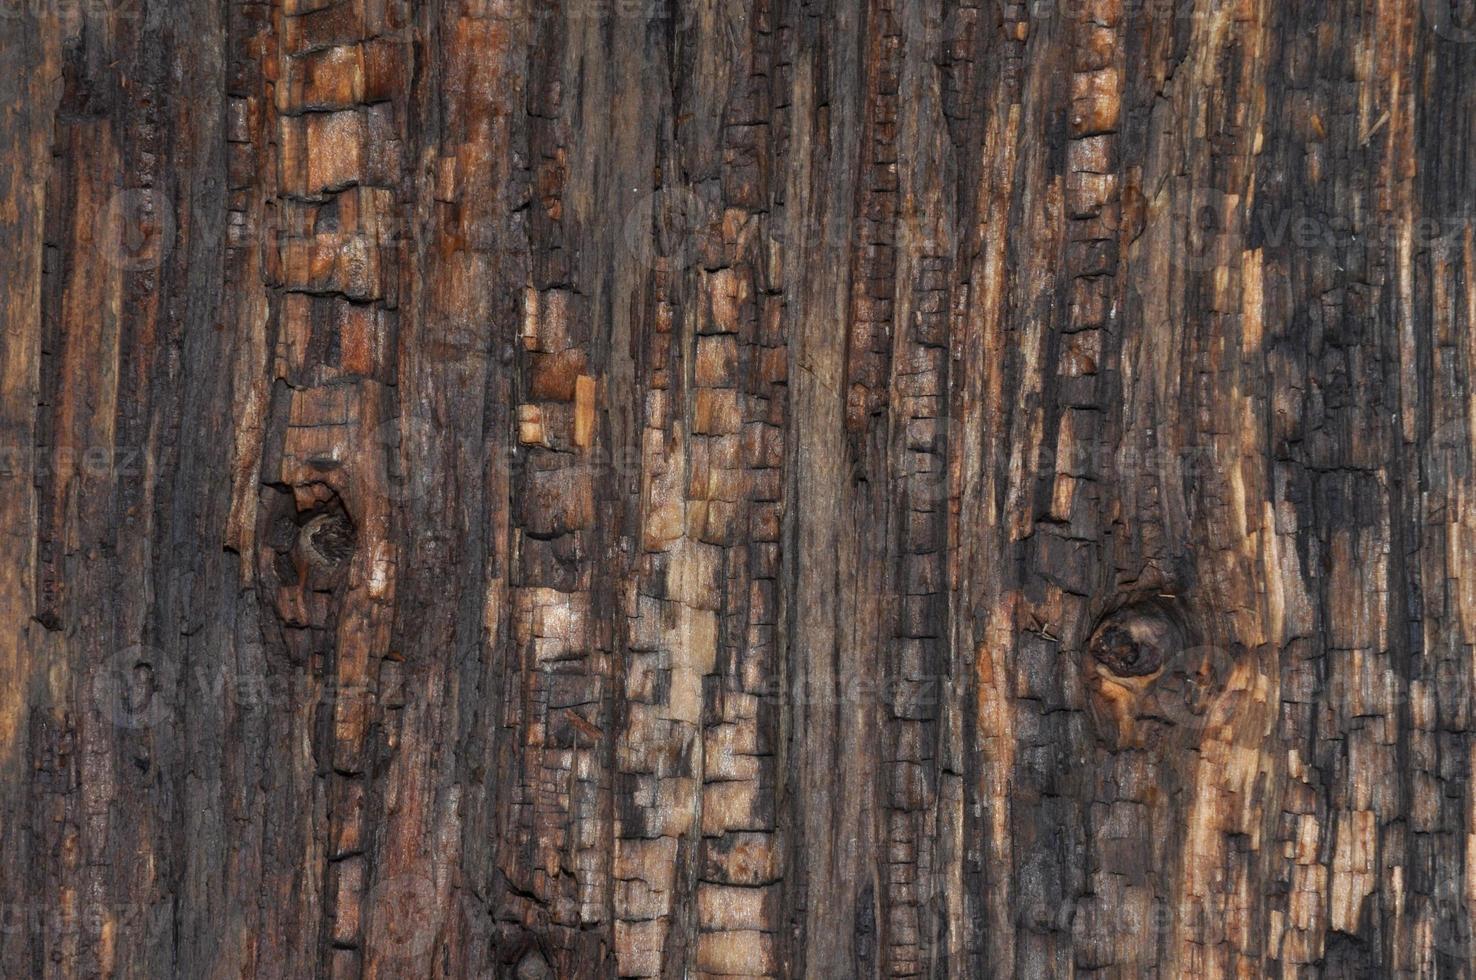 strukturen på det gamla brädet foto